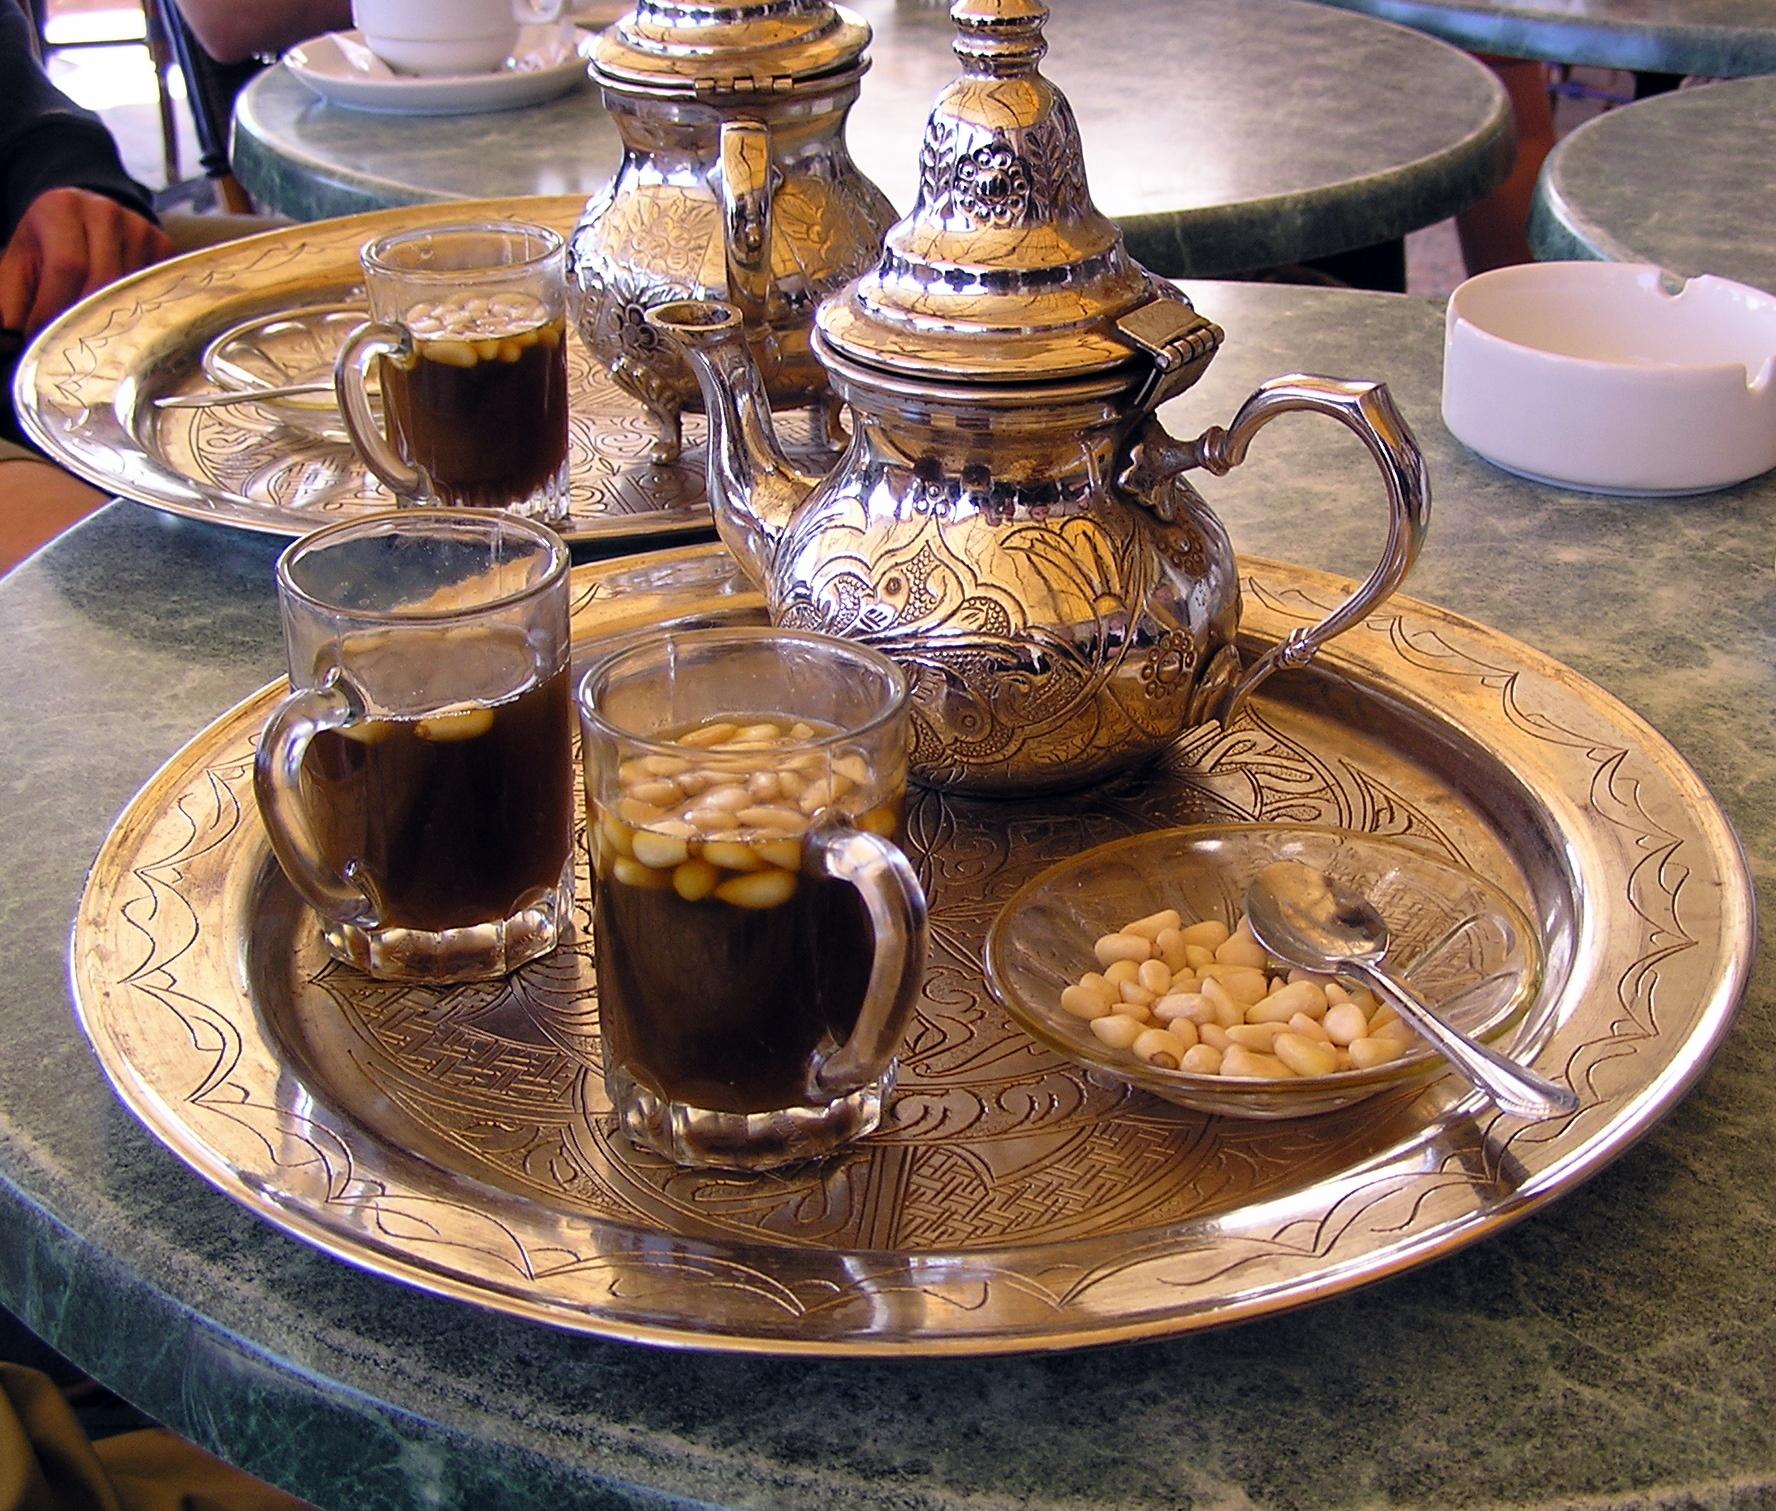 Cuisine tunisienne : l'eau à la bouche entre la tradition ancestrale et les héritages culturels